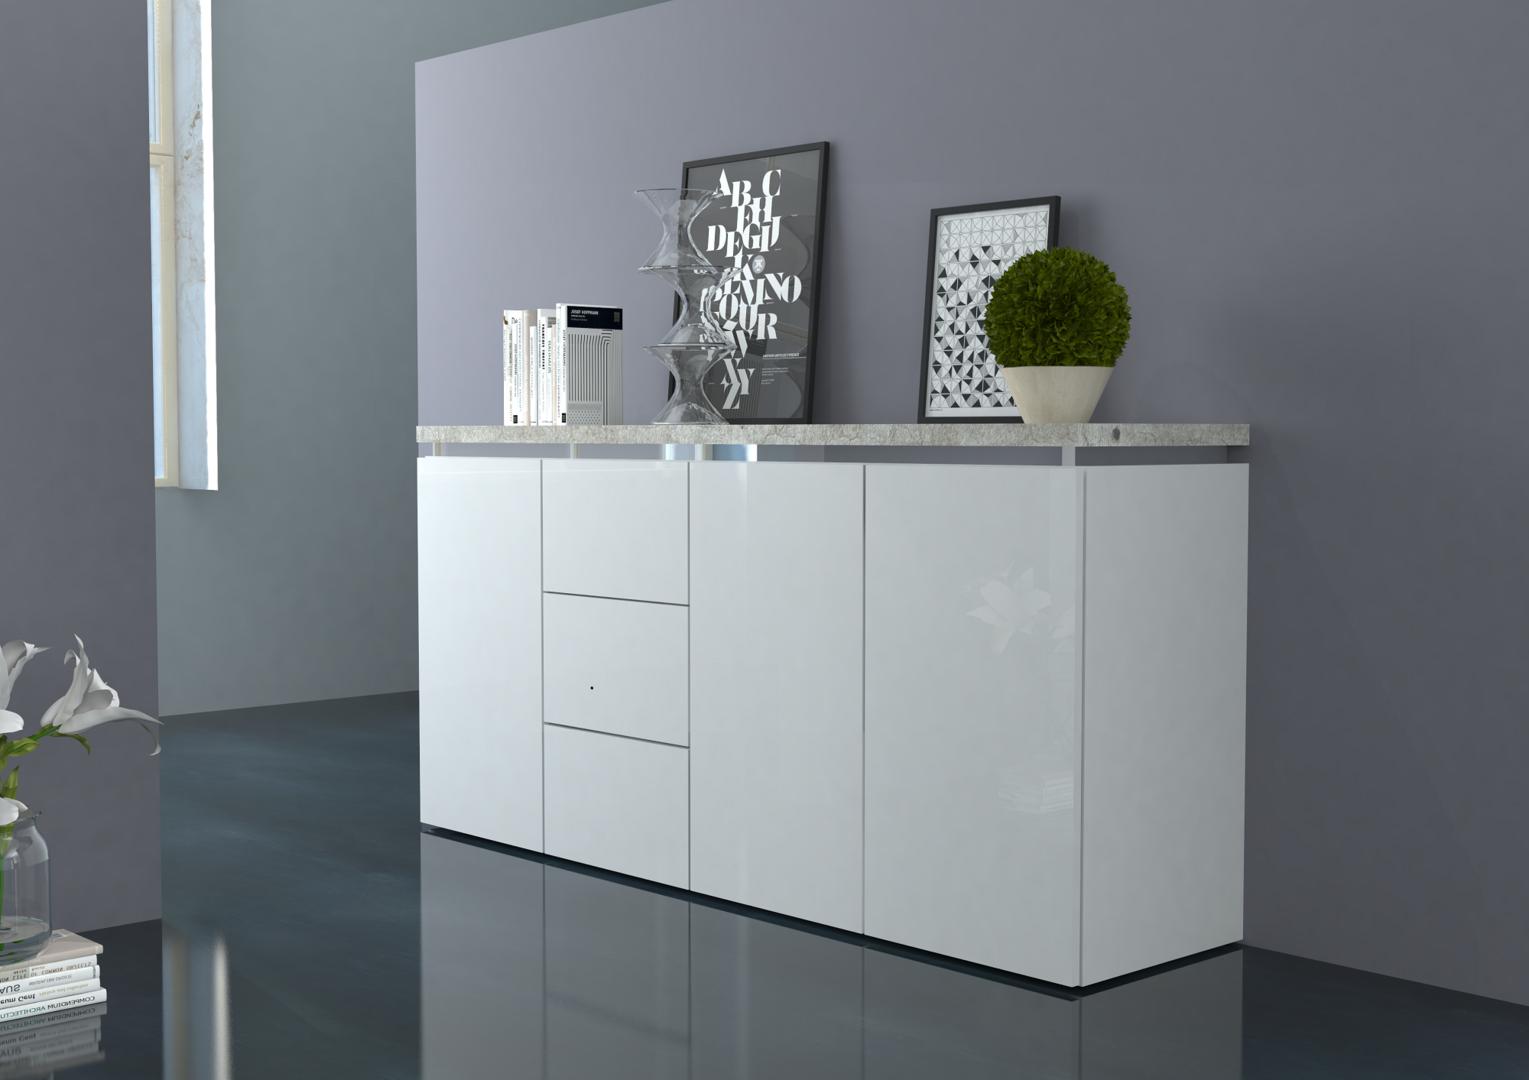 Mobile per soggiorno moderno messico madia bianca credenza - Mobile soggiorno moderno ...